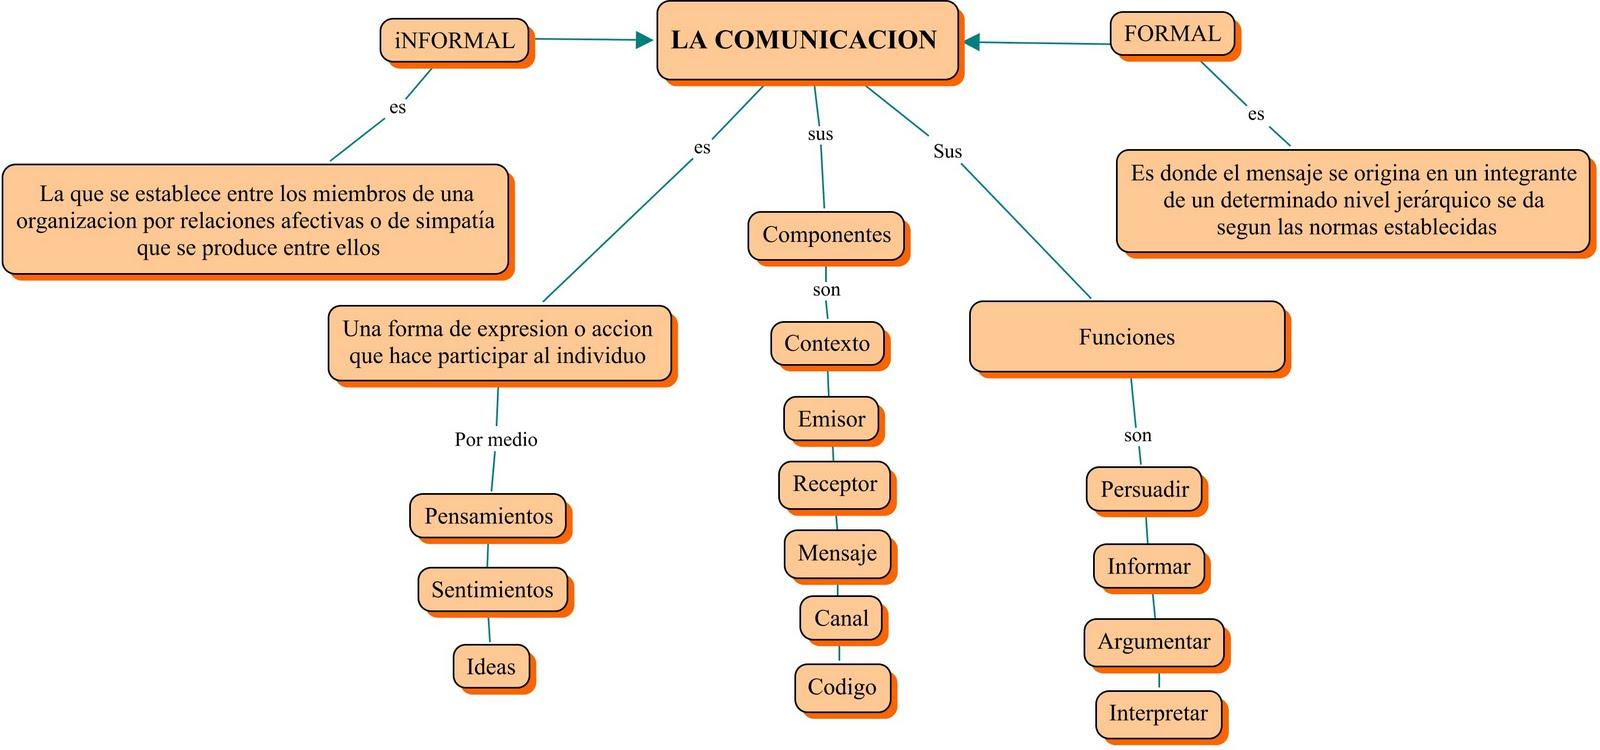 lengua y la comunicacion: